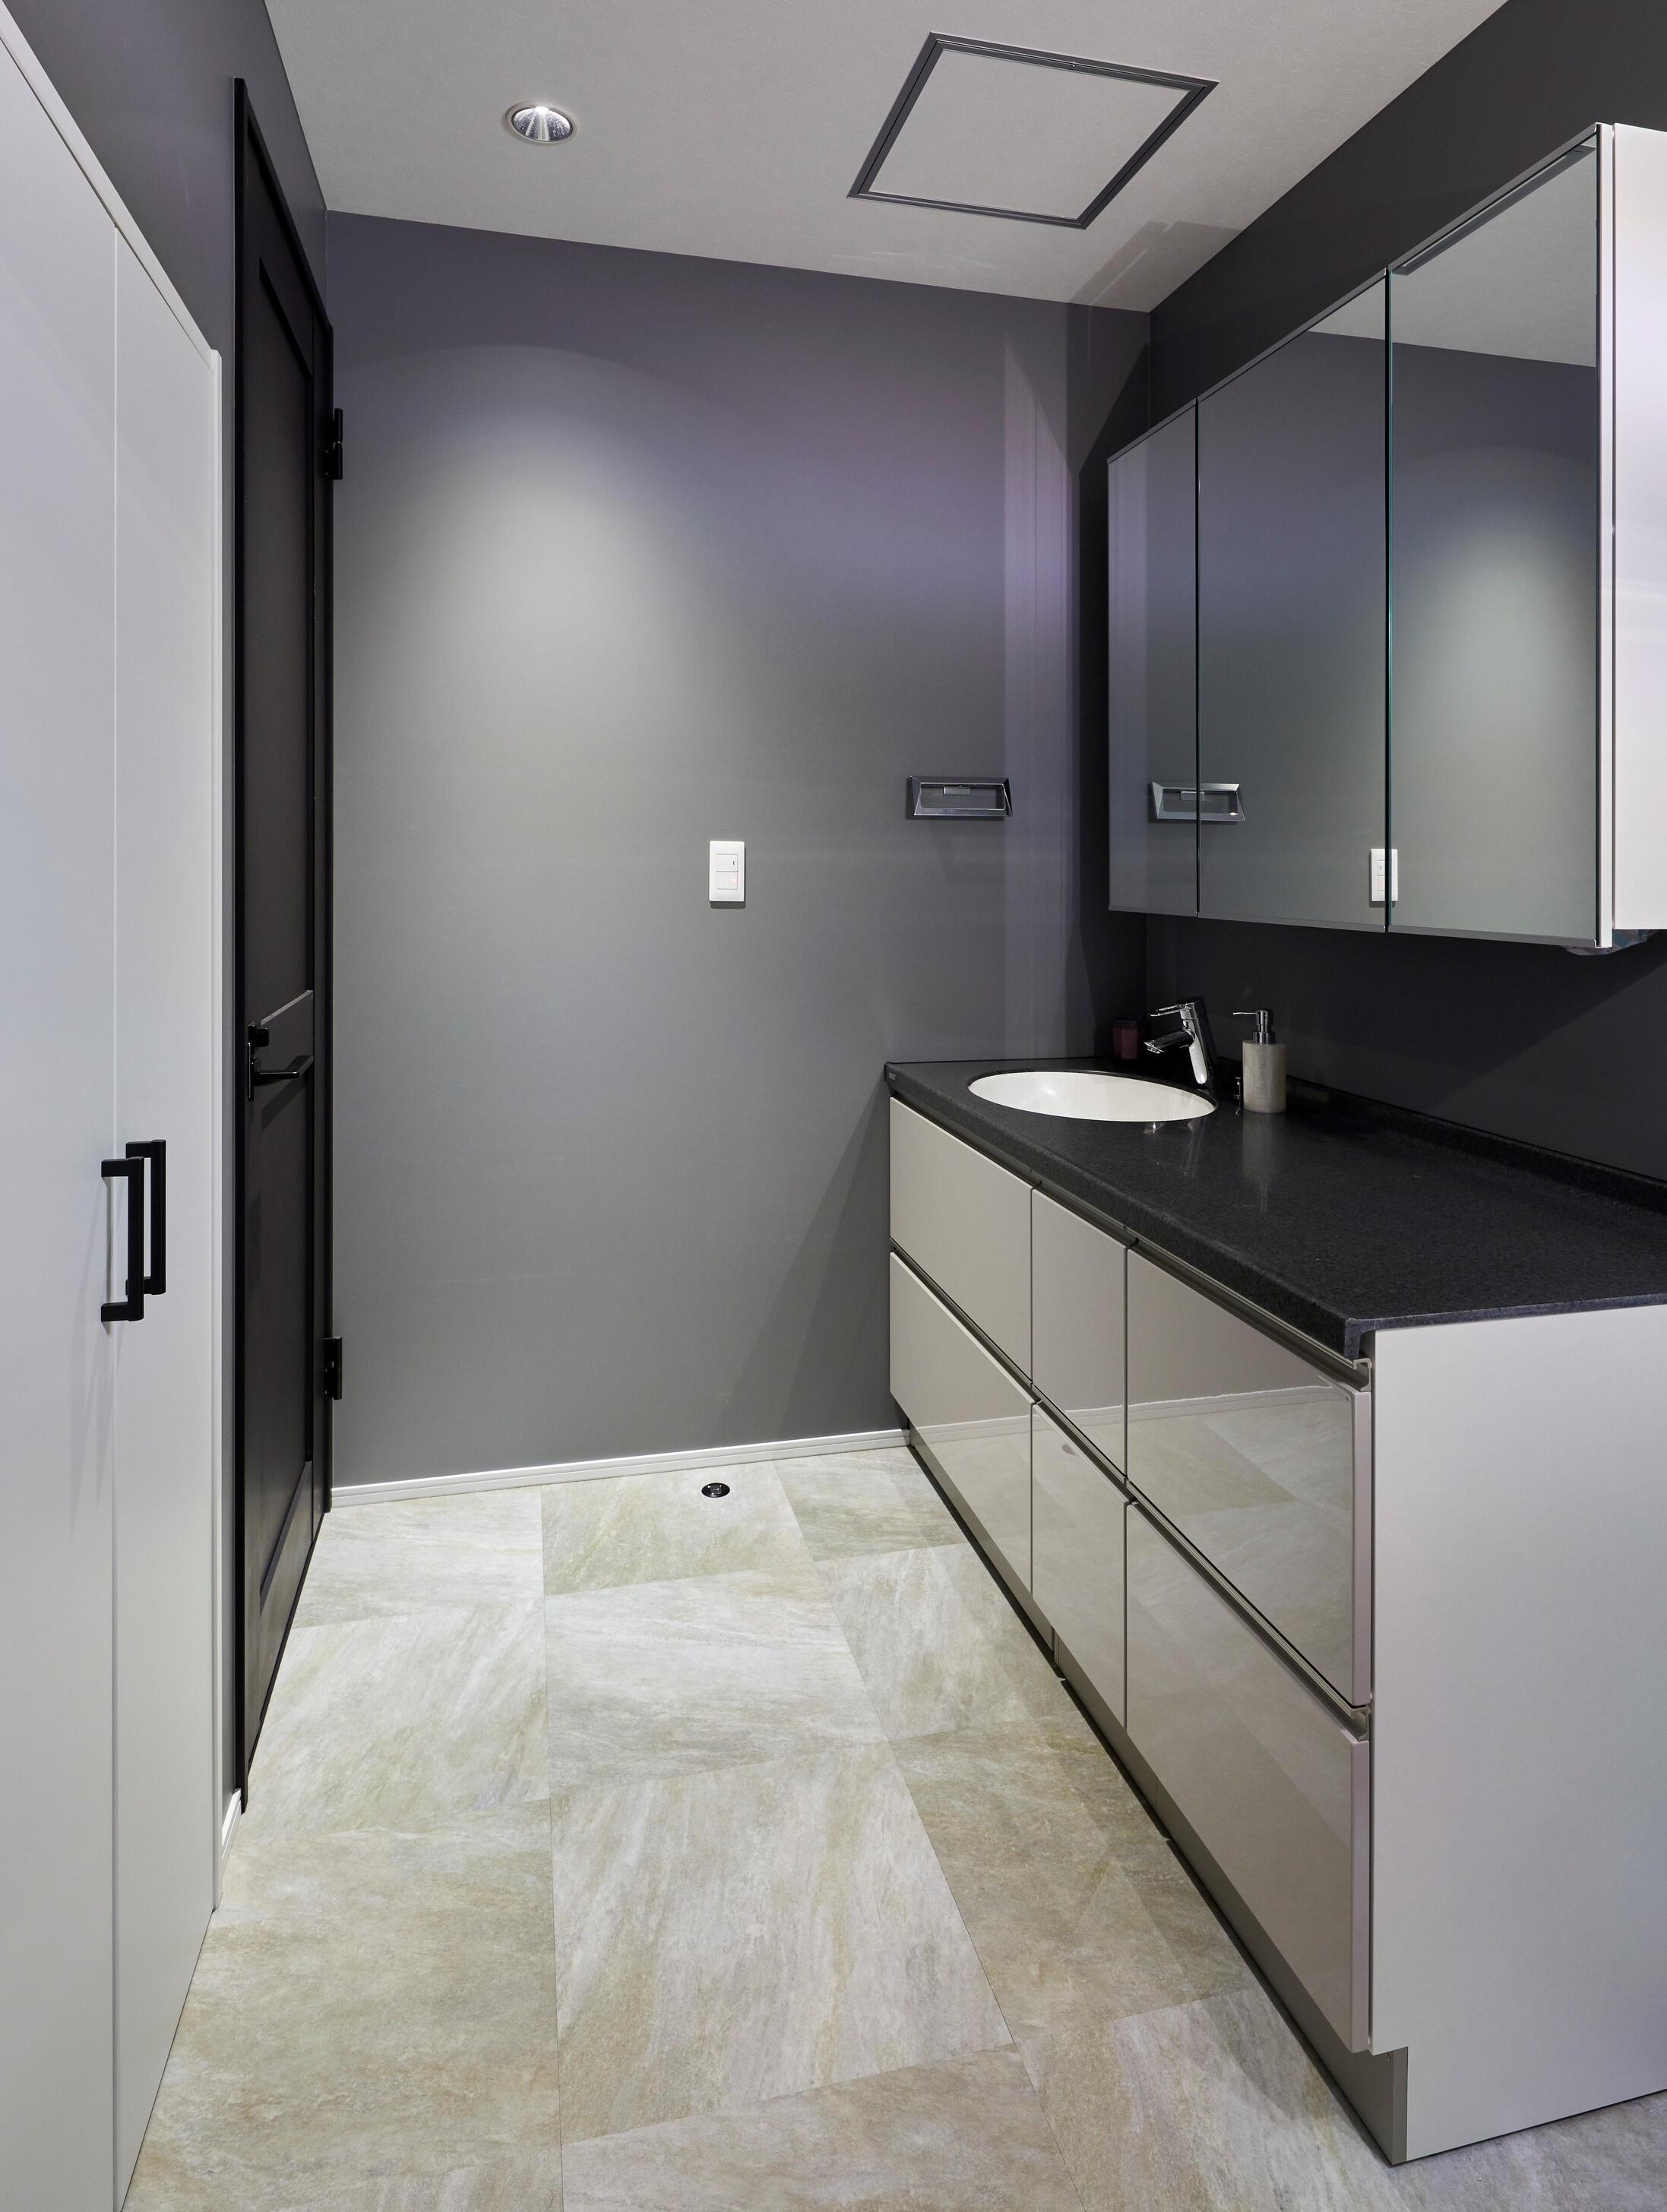 高級感を感じる大人っぽい洗面台。横にい広く、2人で鏡を使いたい時にも重宝する仕様